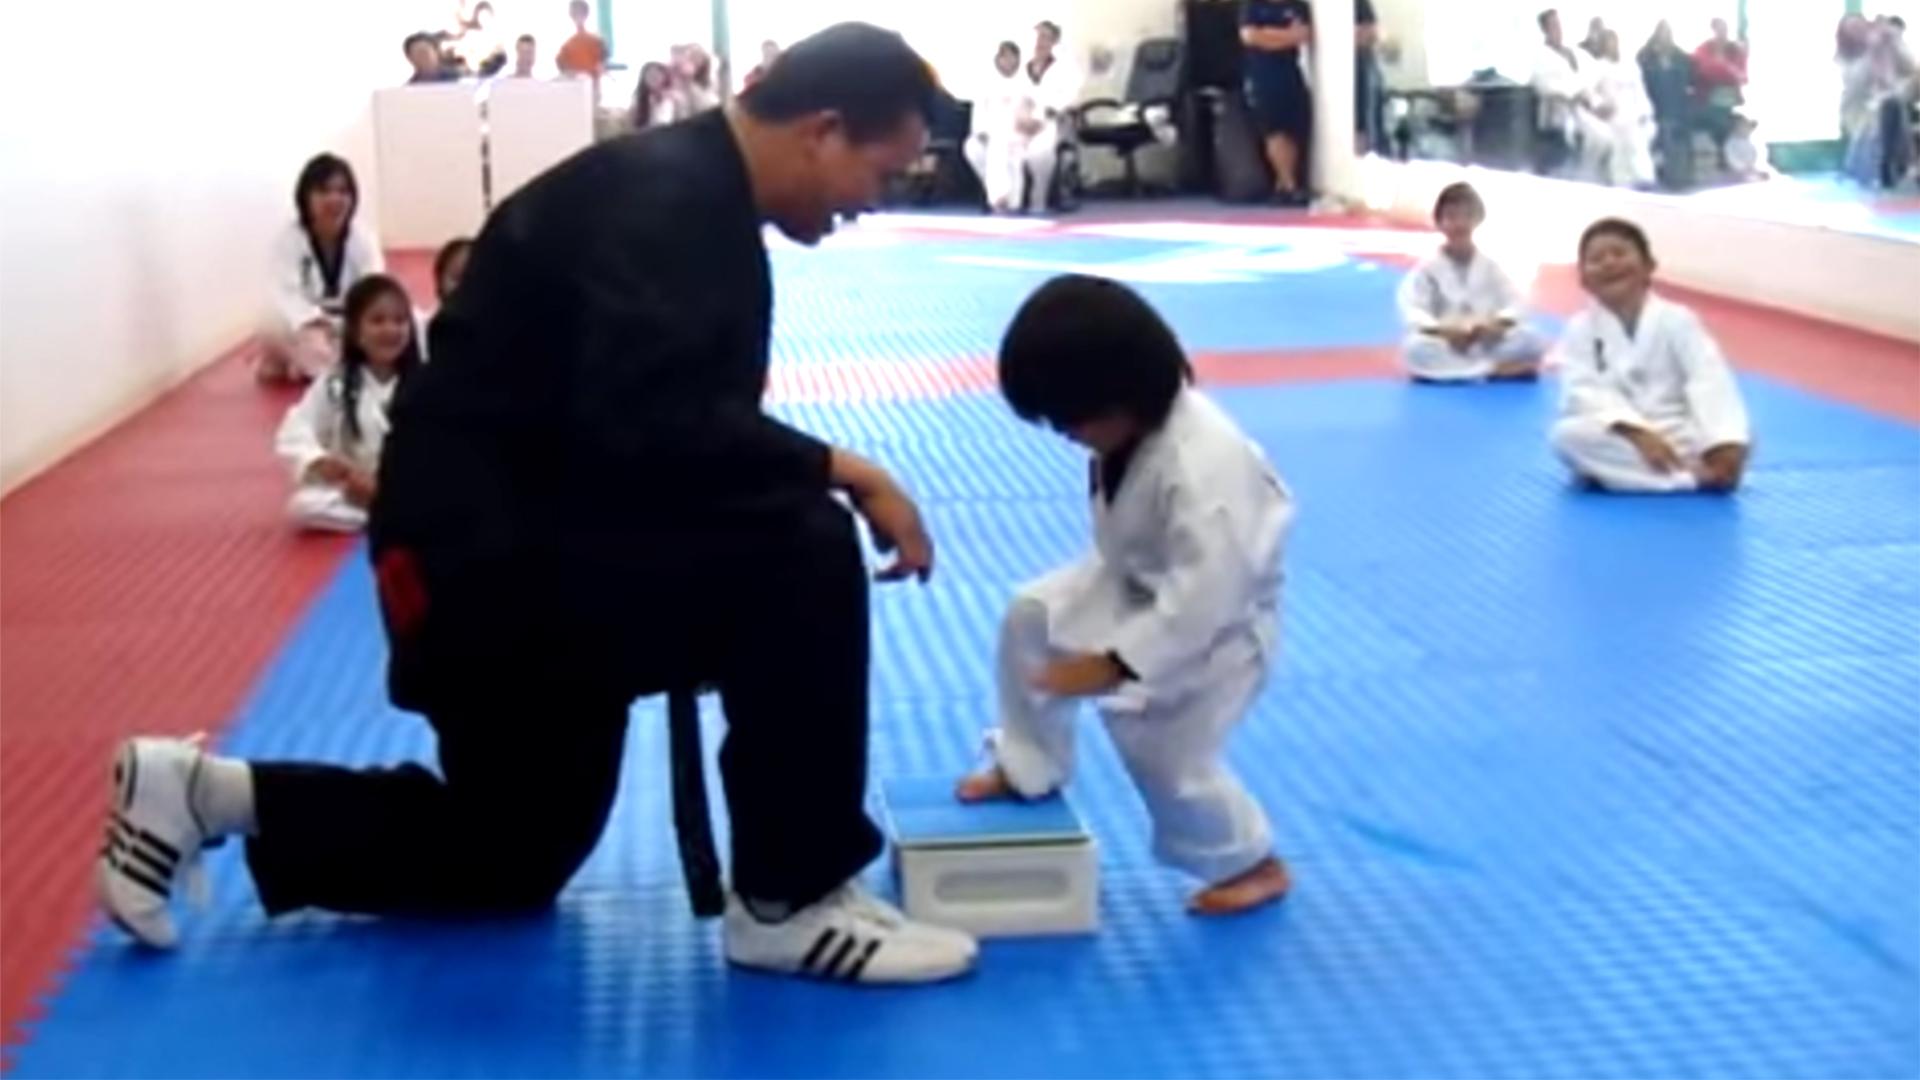 how to break a board